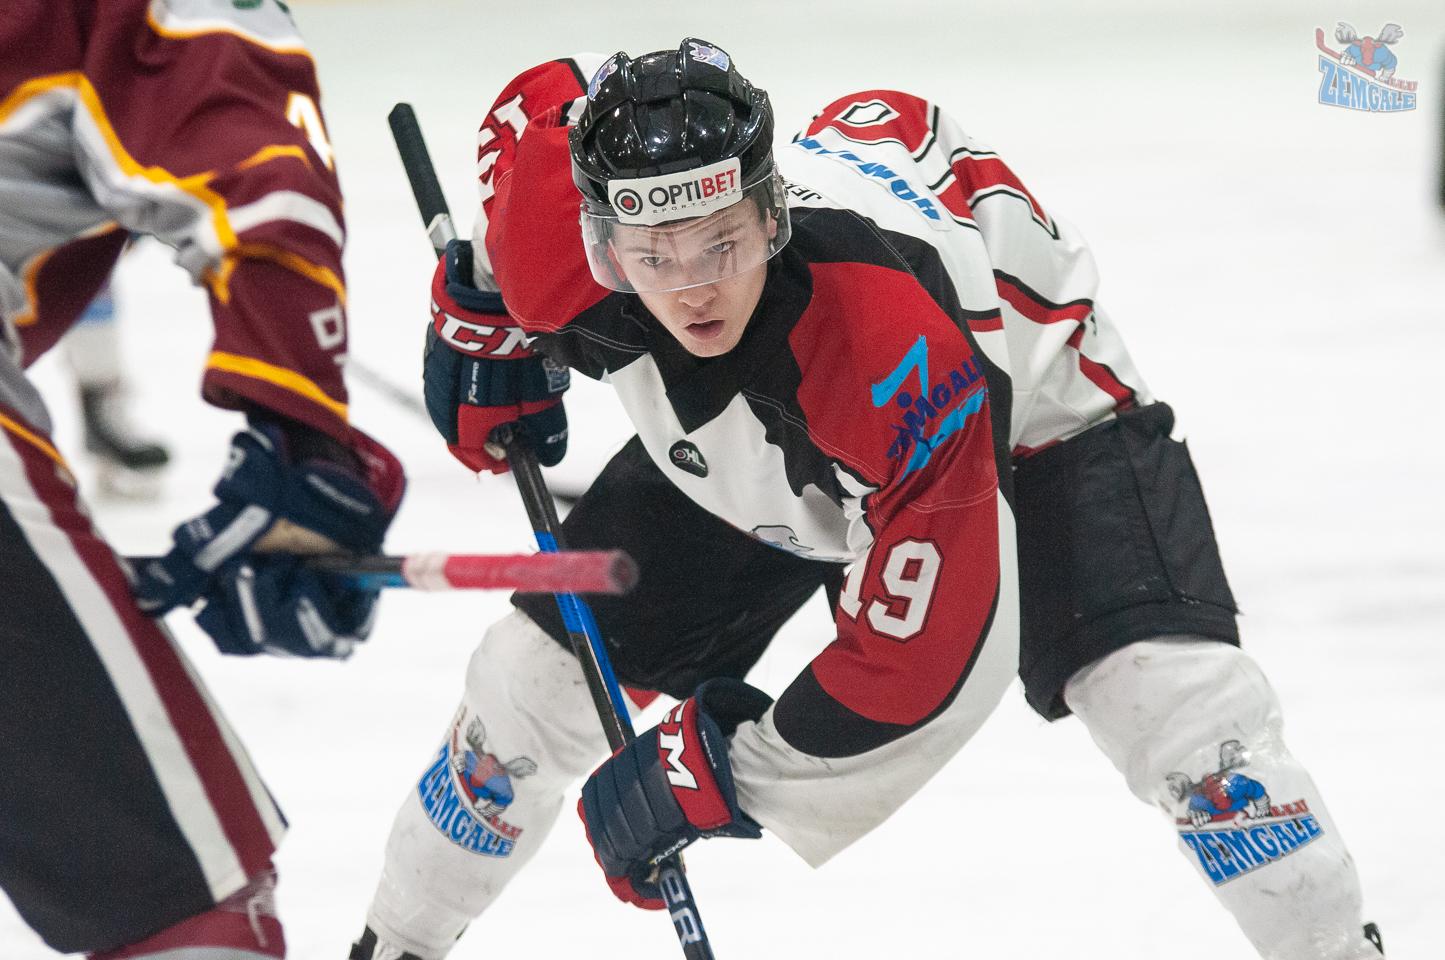 Hokejists Artūrs Homjakovs iemetiena pozīcijā